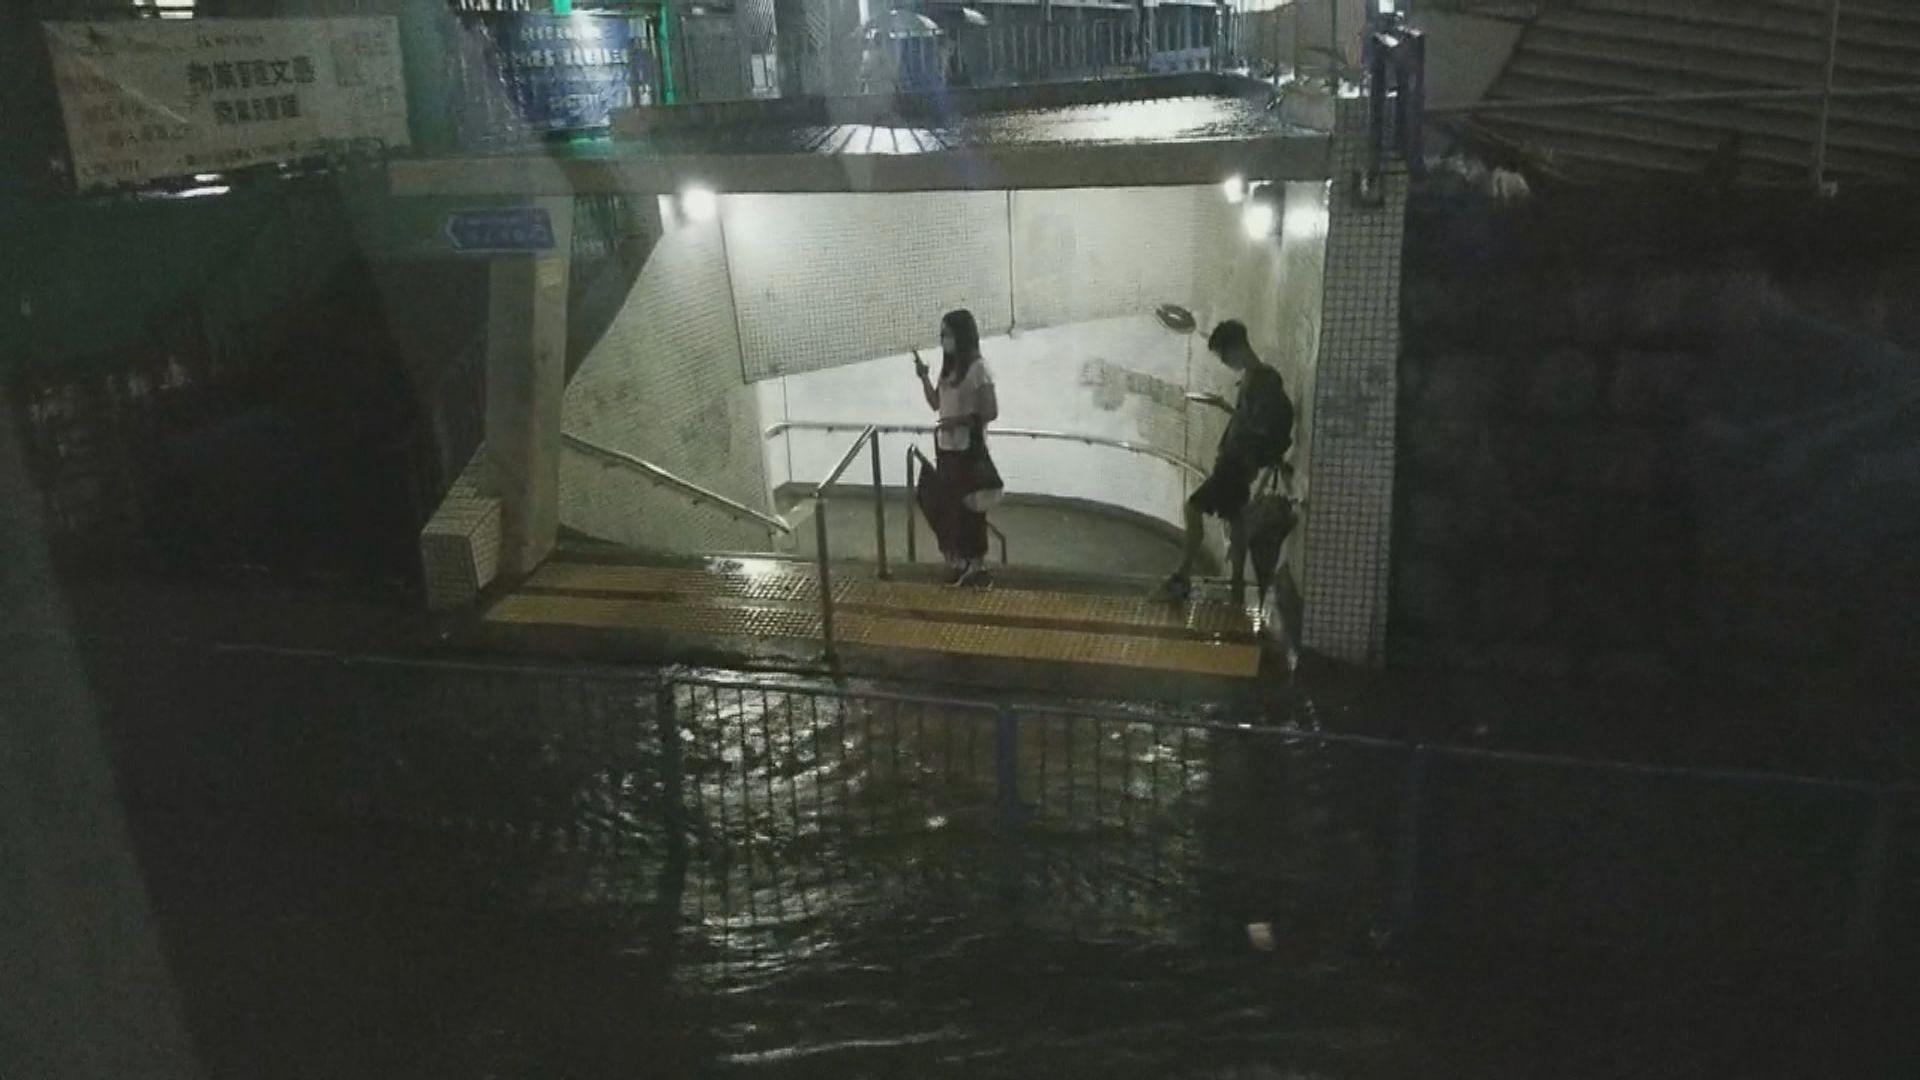 【黑色暴雨】觀塘牛頭角嚴重水浸 有市民被困隧道口